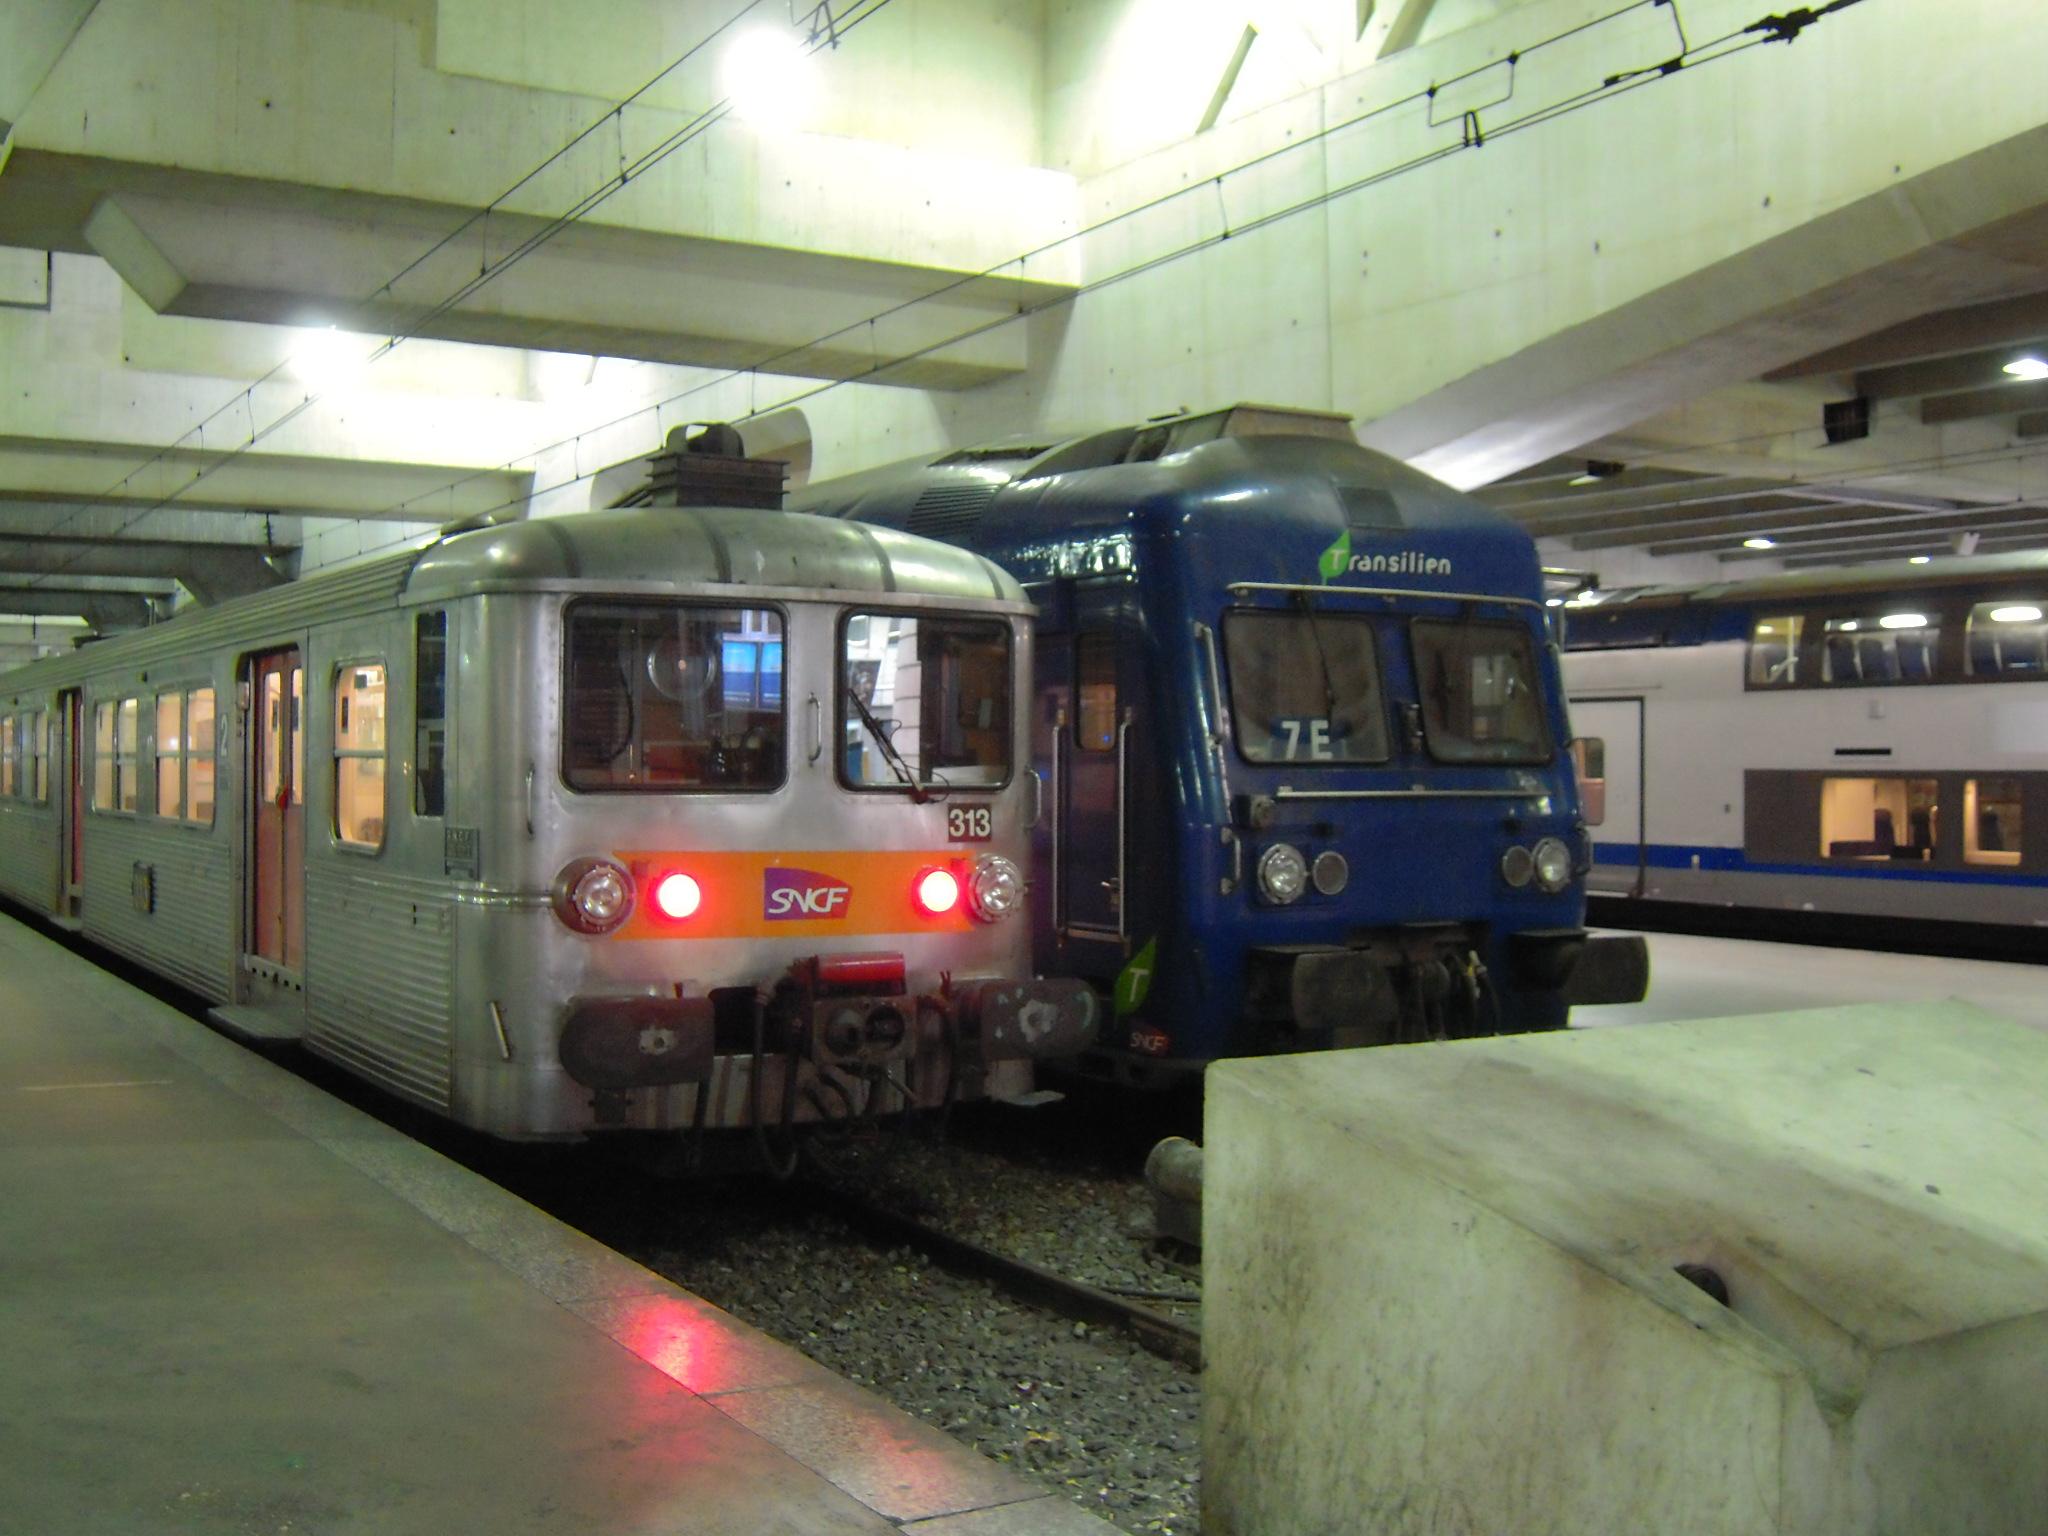 Rencontre transport public